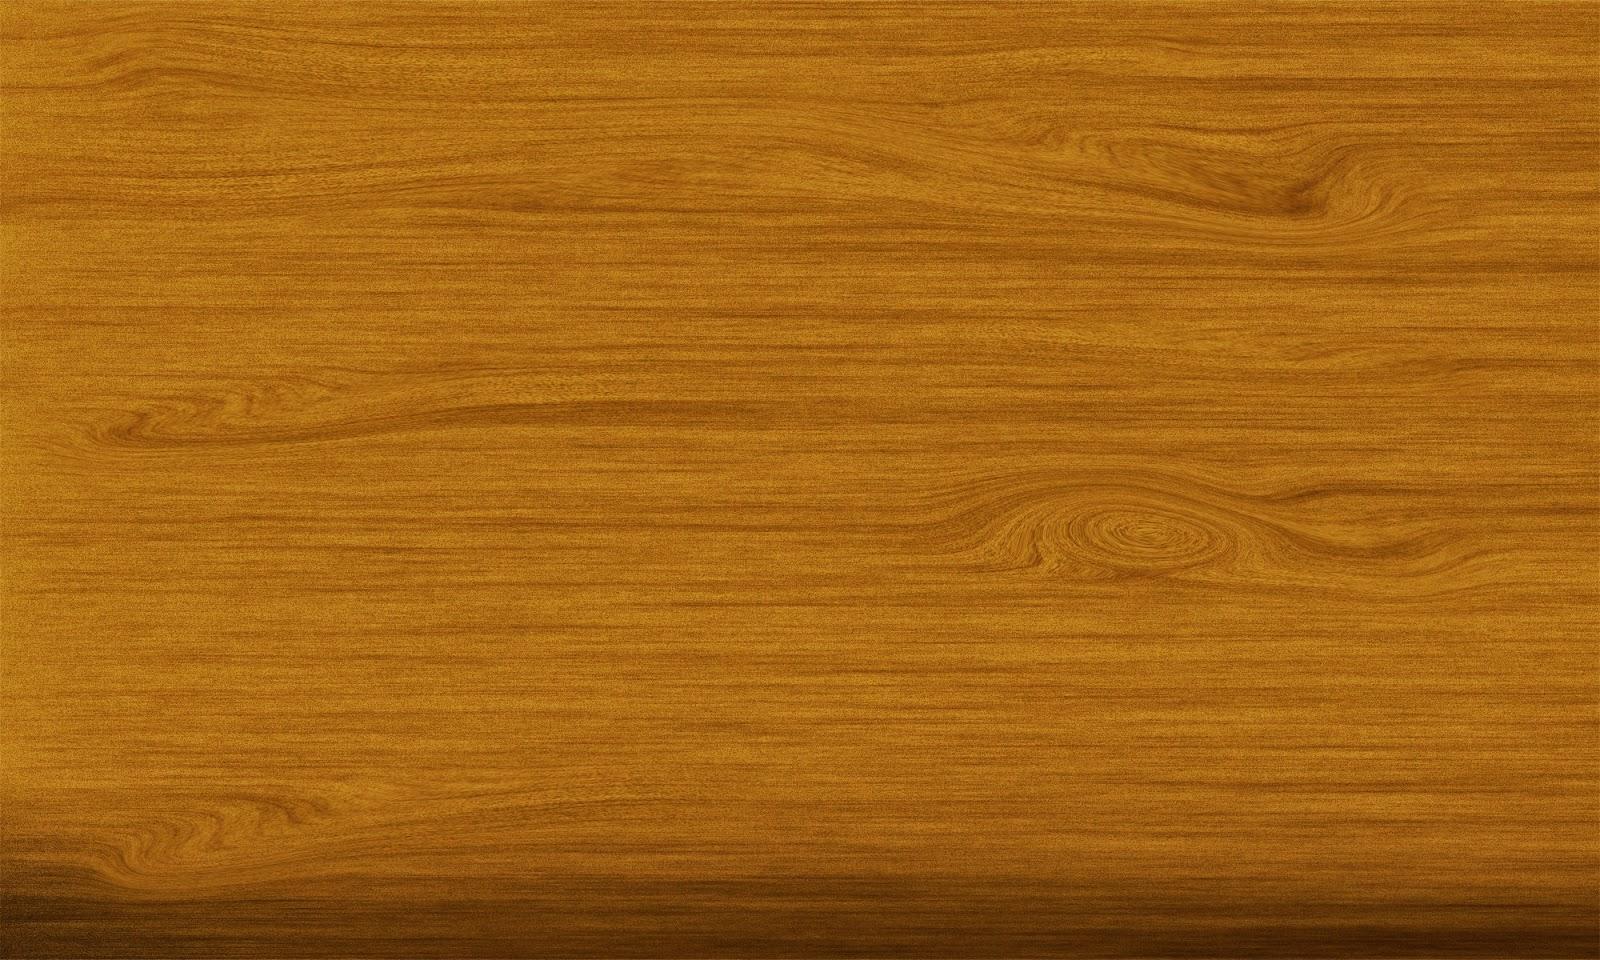 Engineered Hardwood Floors Cost Images Wood Flooring